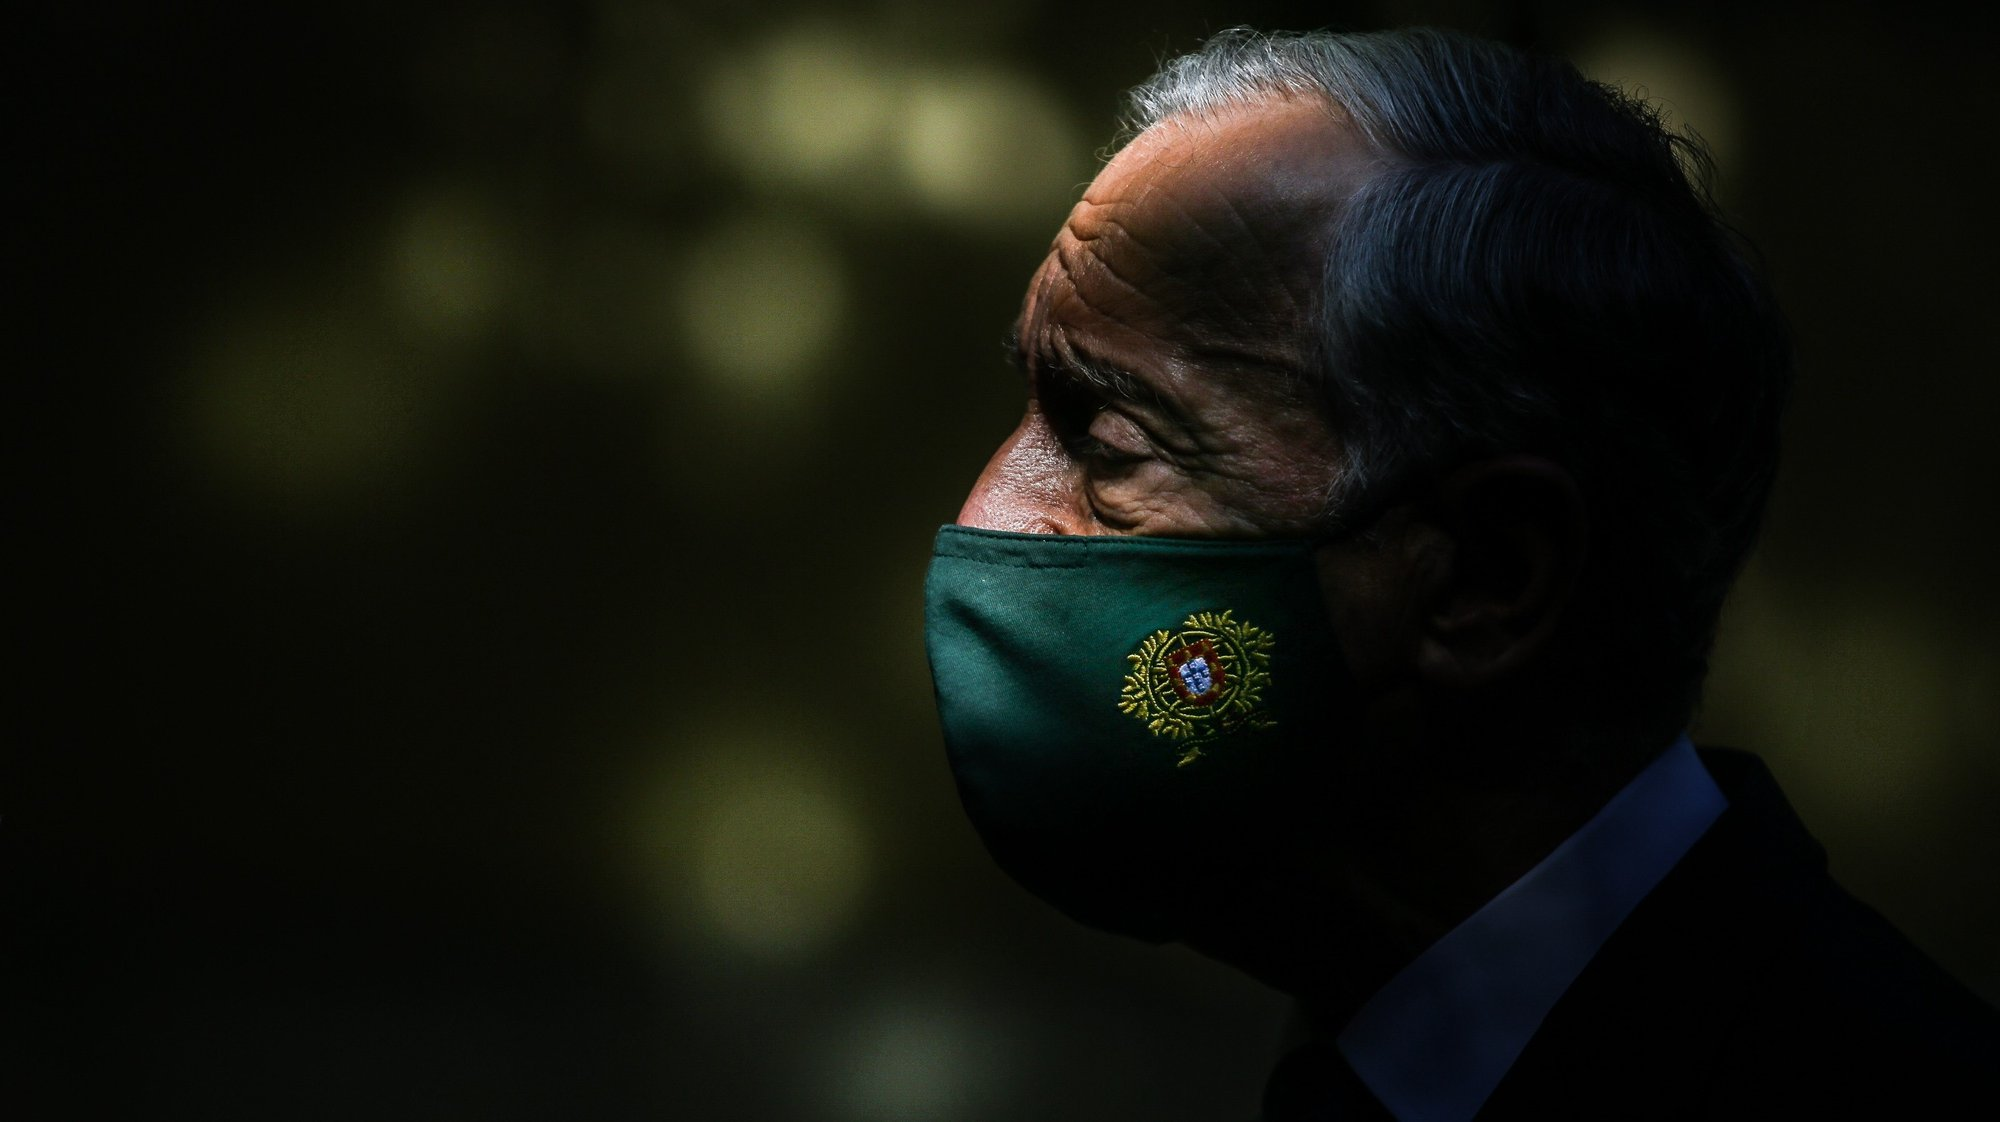 O Presidente da República, Marcelo Rebelo de Sousa, após visitar o Centro de Vacinação contra a covid-19 do Estádio Universitário de Lisboa, em Lisboa, 23 de junho de 2021. MÁRIO CRUZ/LUSA